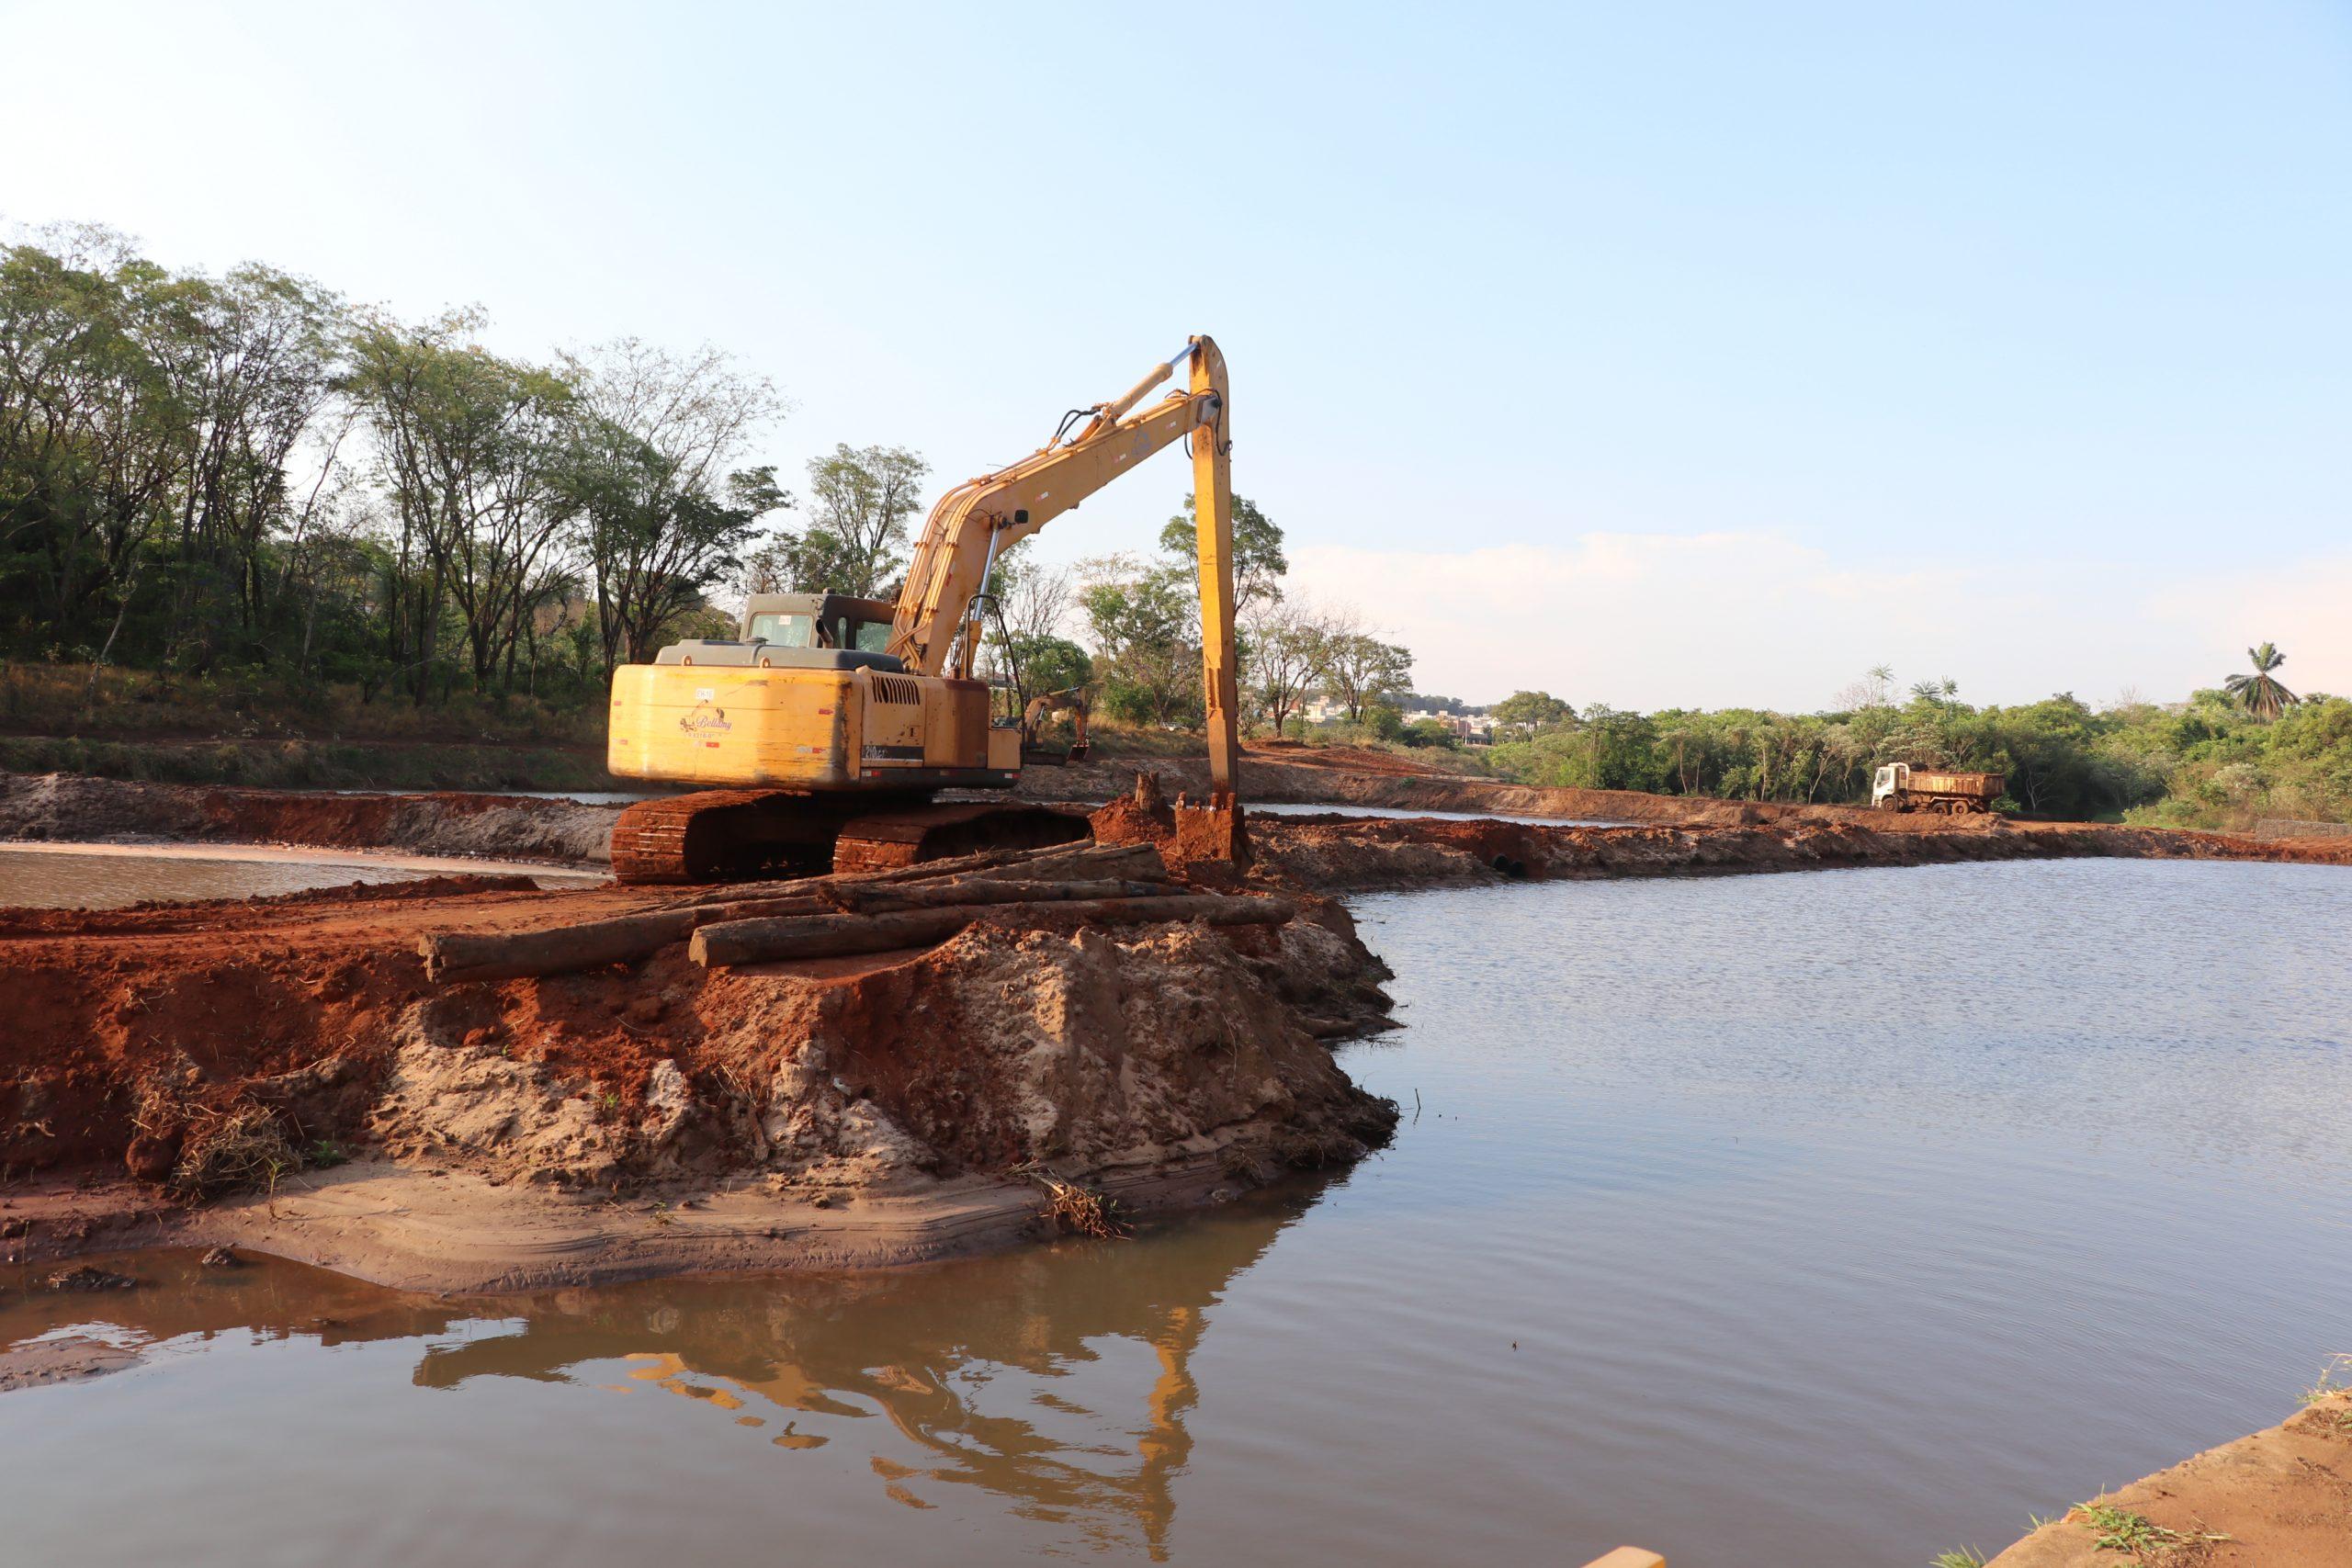 Desassoreamento já retirou 13,8 mil m³ de sedimentos da represa das Cruzes